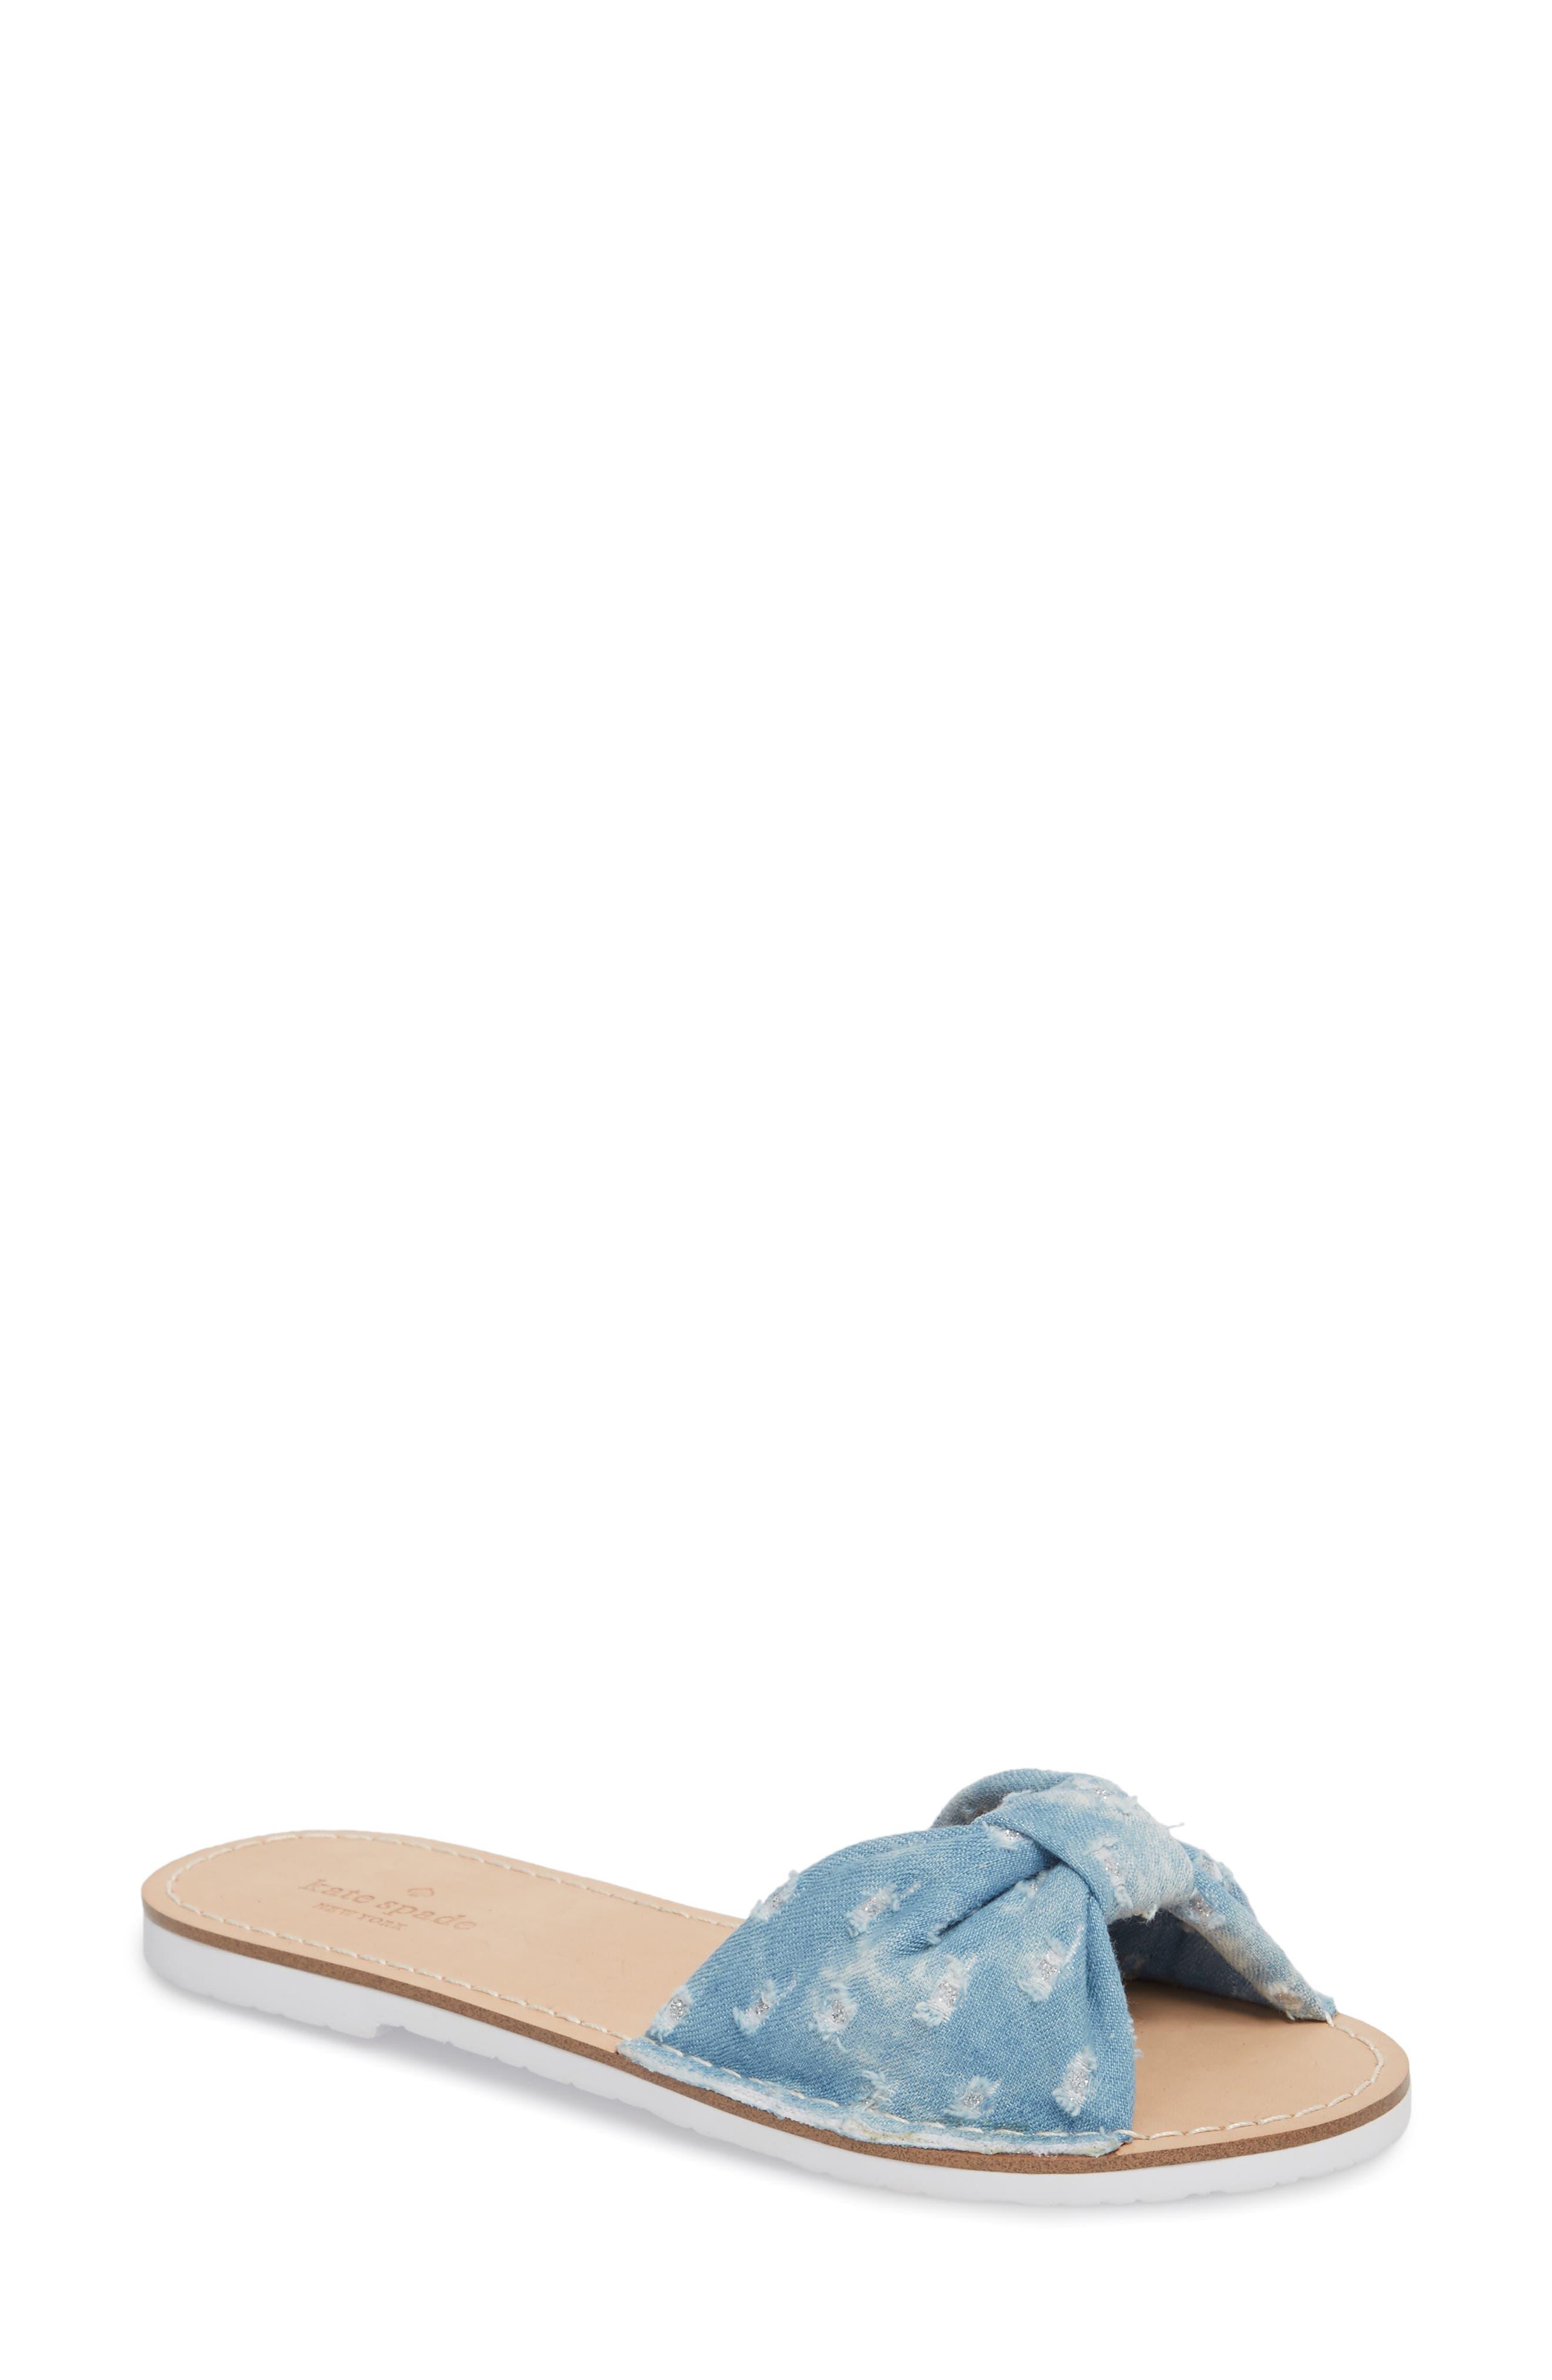 kate spade new york indi slide sandal (Women)